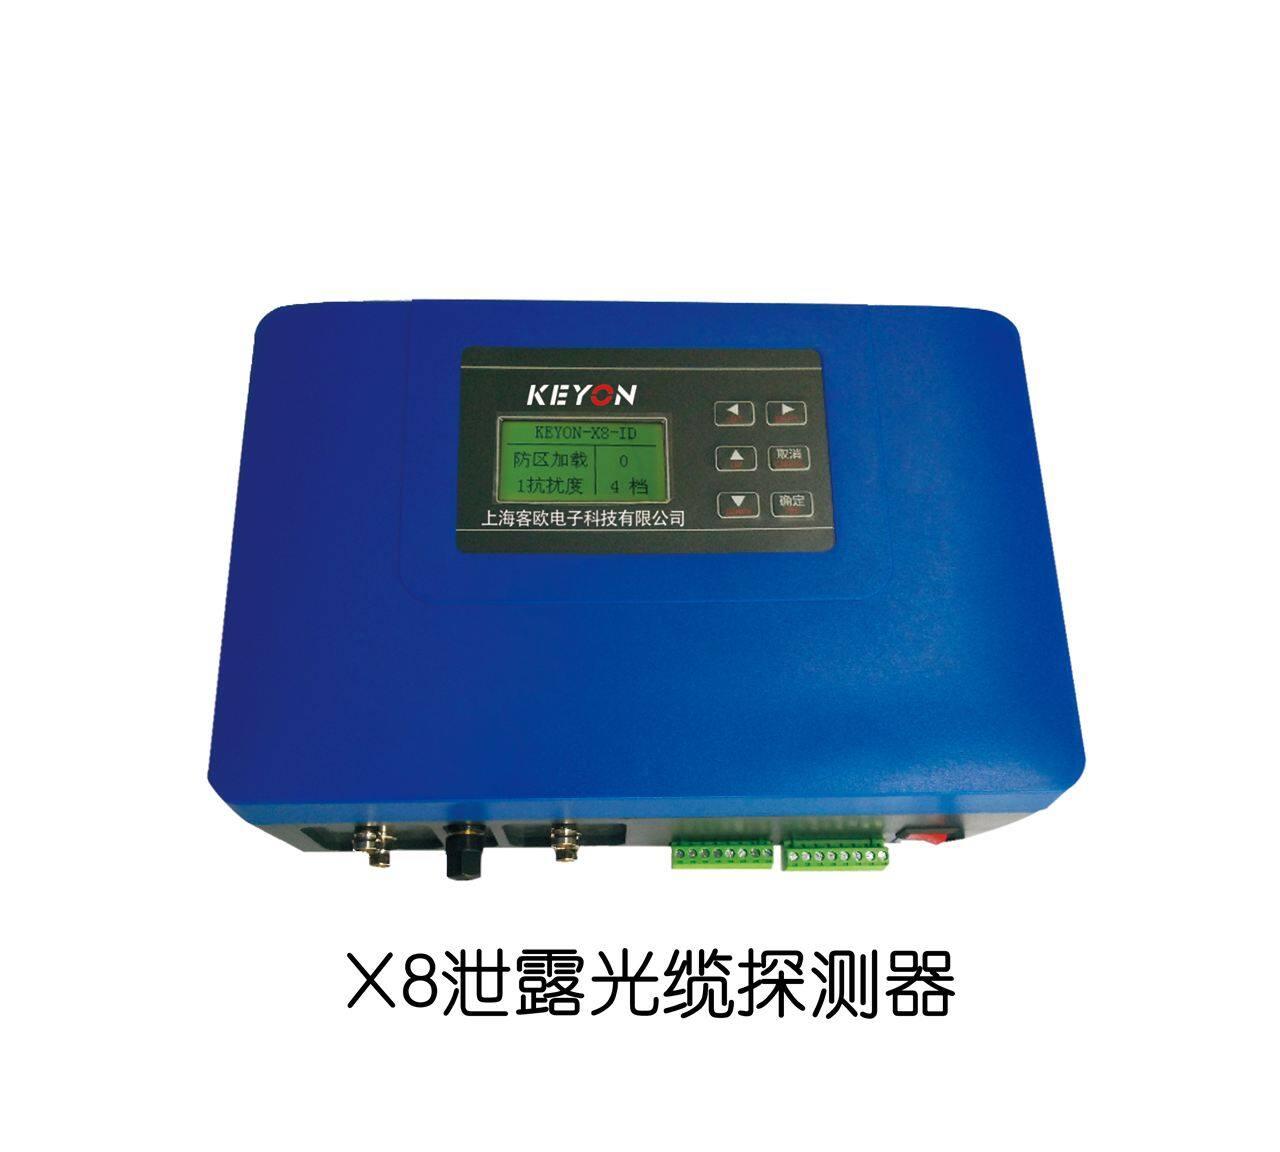 上海客欧安防-泄露光缆探测器-周界报警产品